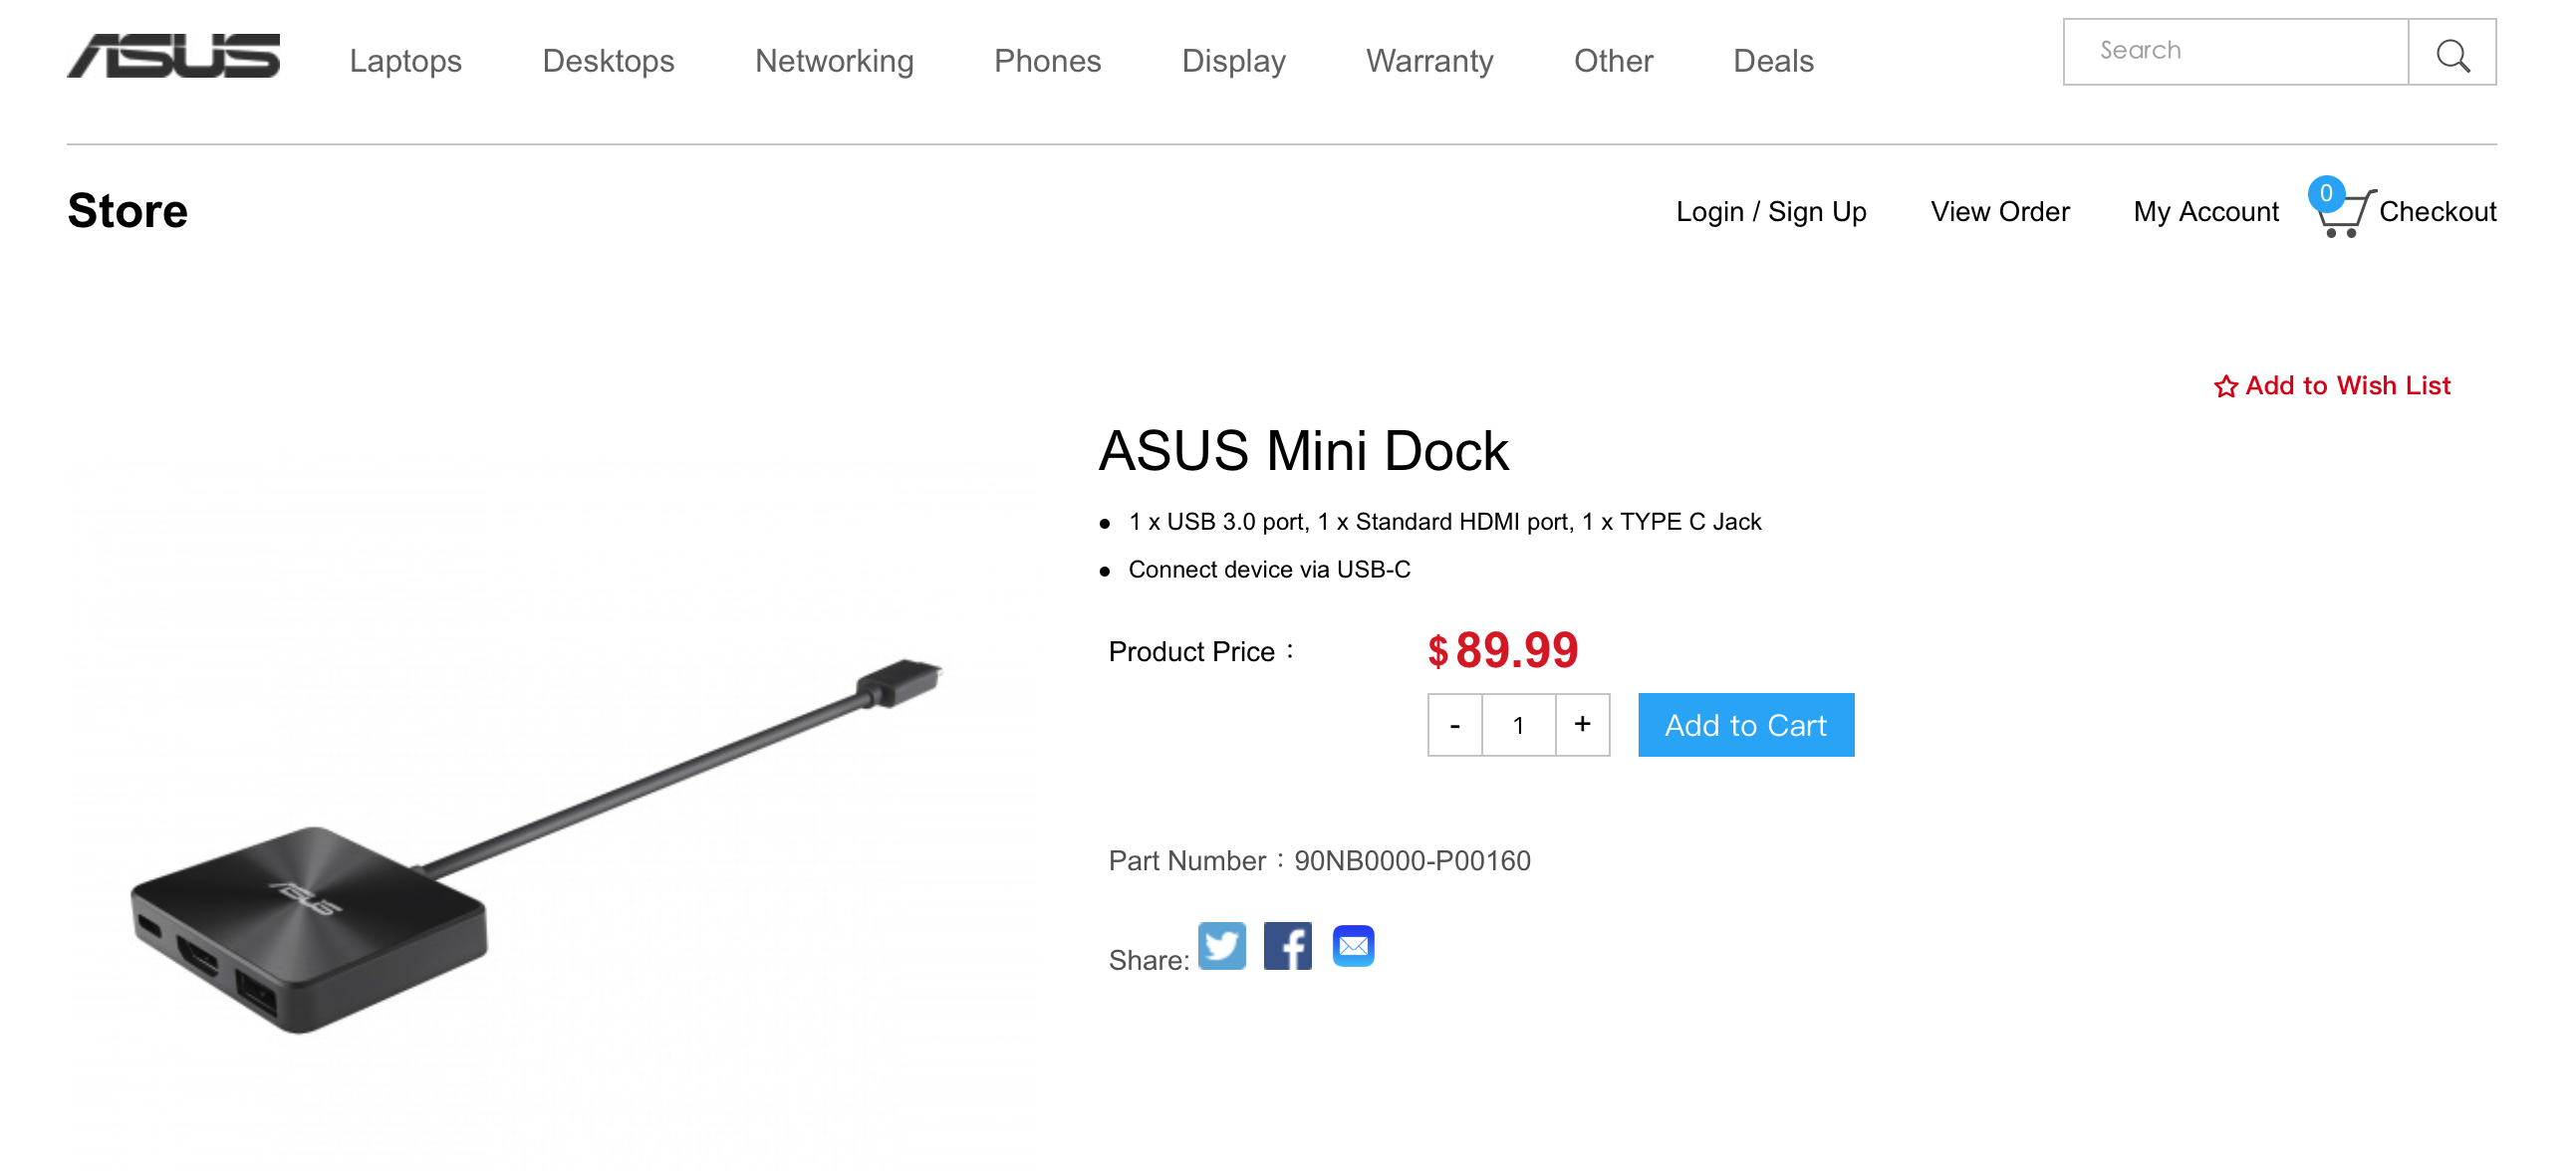 华硕Asus Mini Dock USB-C便携式扩展坞type-c转HDMI USB3.0 PD供电C口设备外接显示器